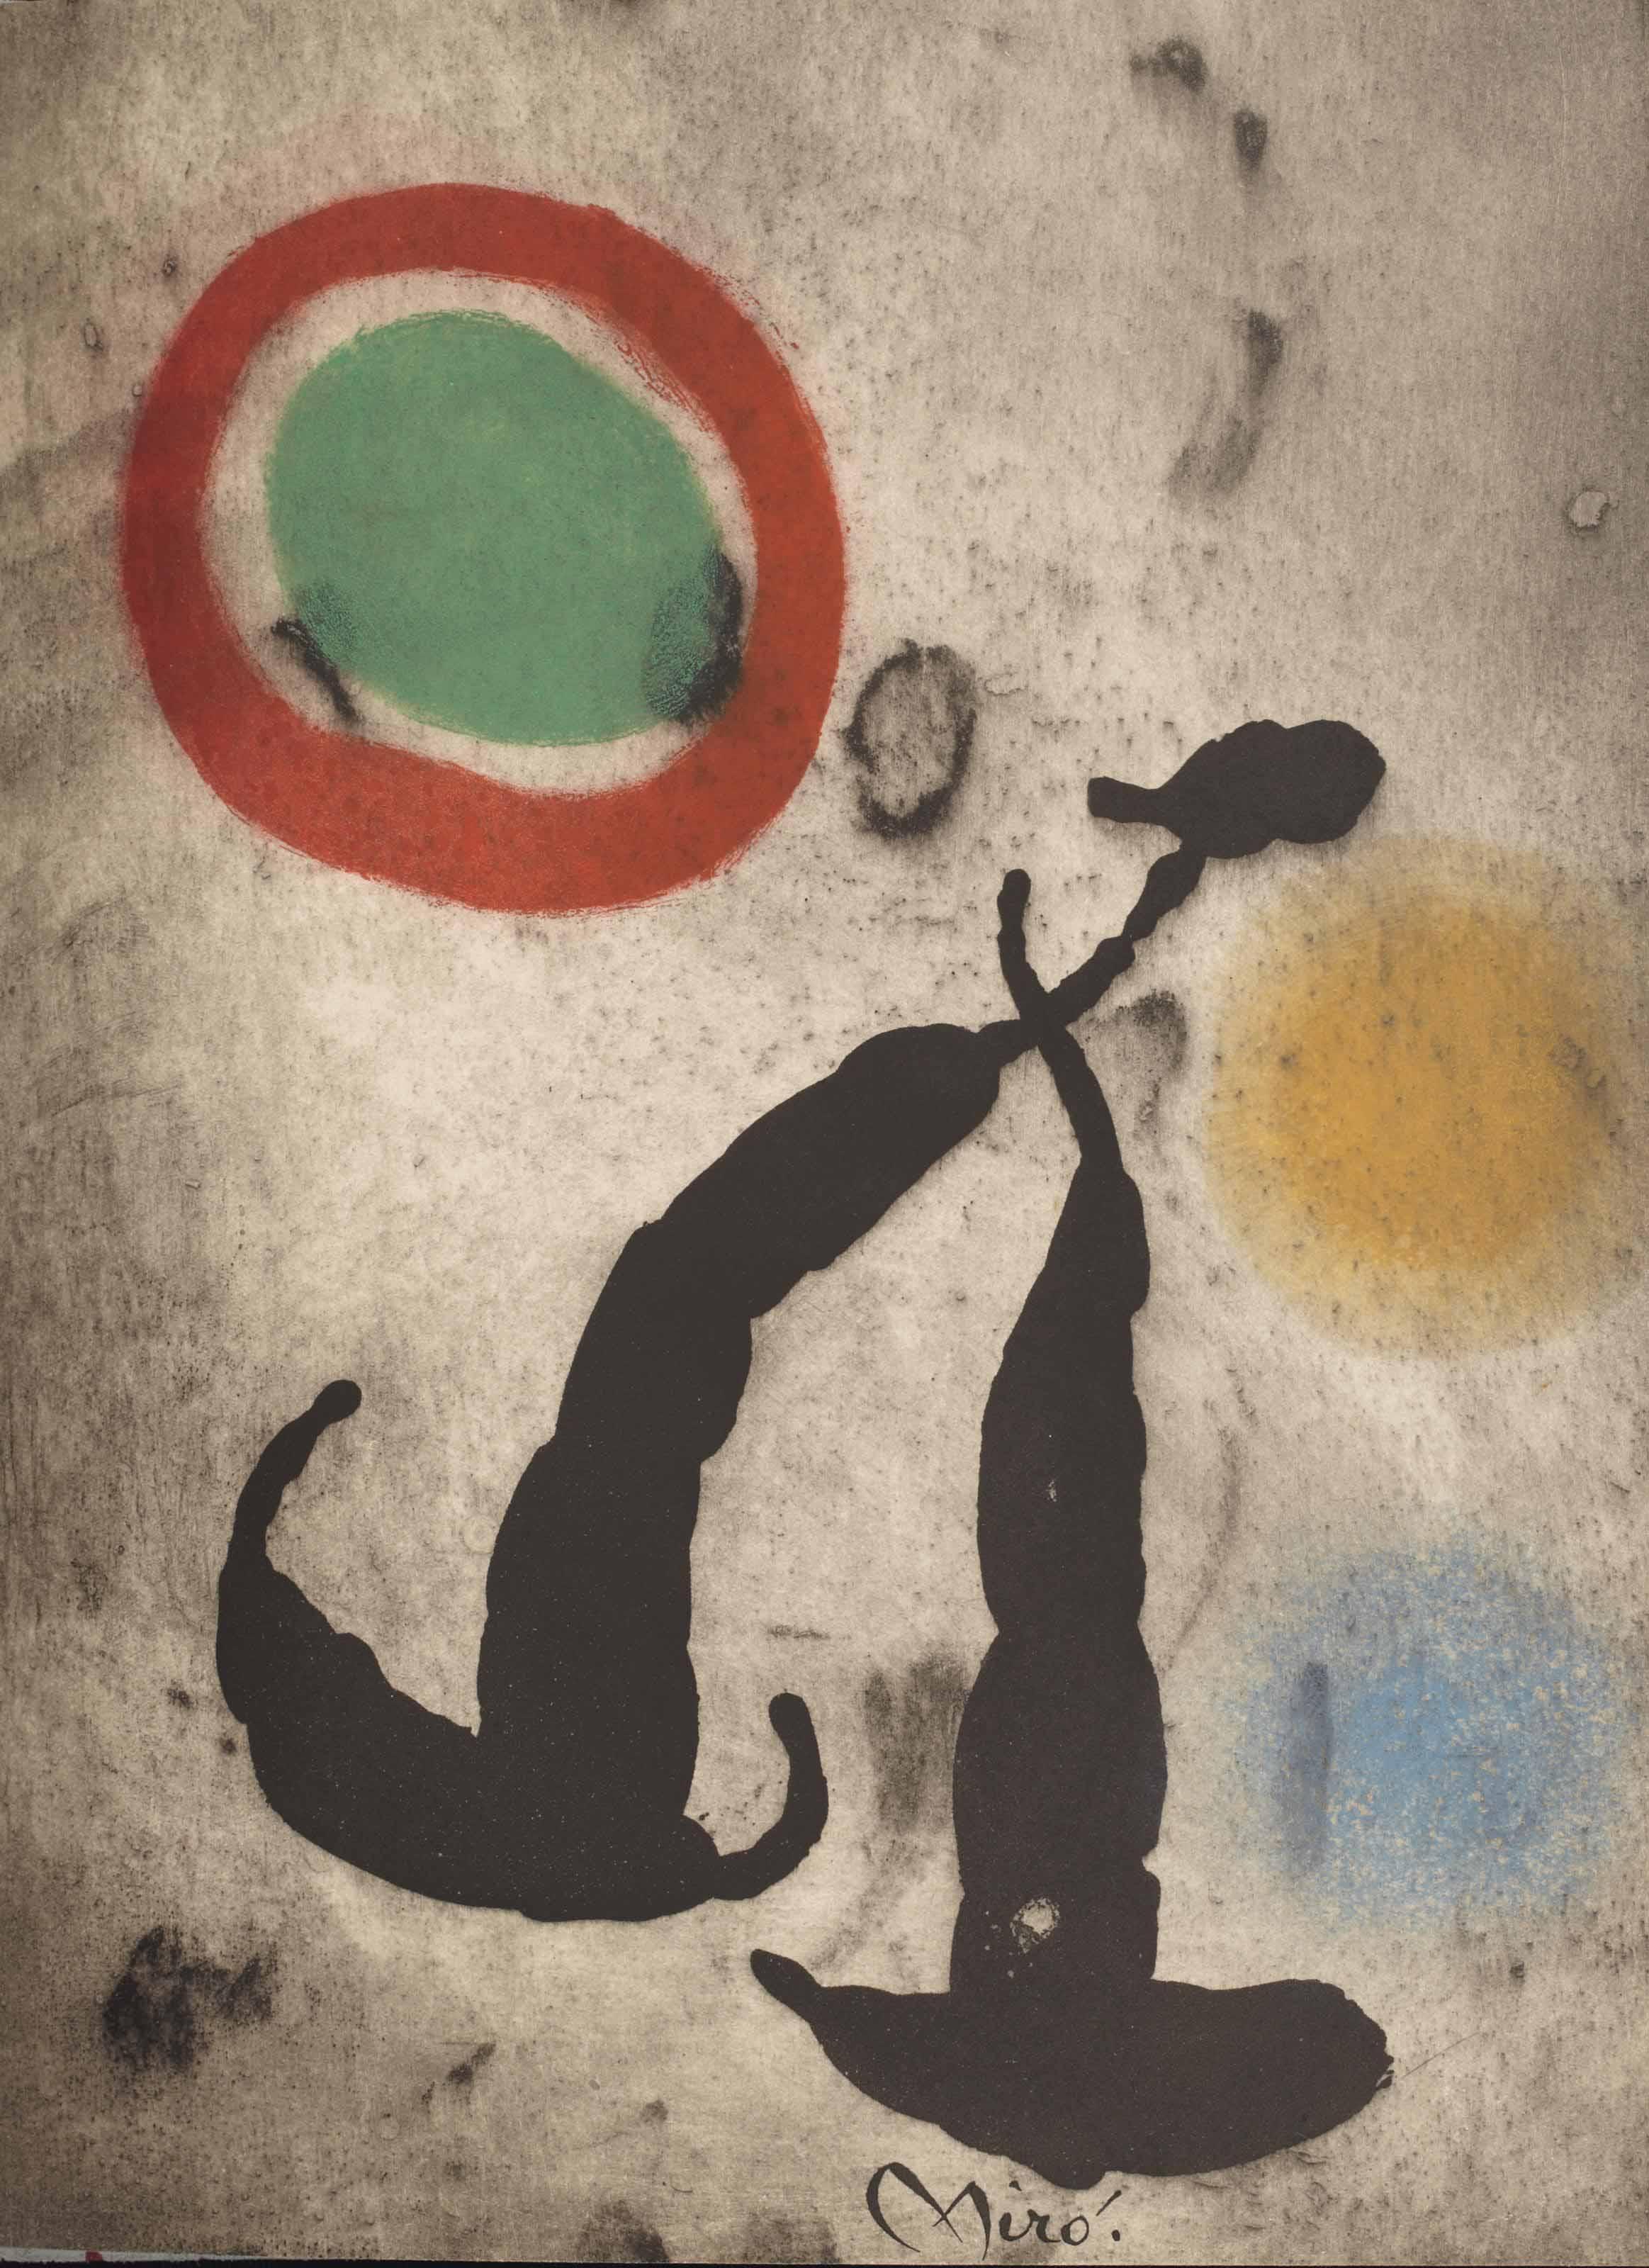 [MIRÓ, UBAC & LACHAUD] – Pierre-André BENOÎT, René CHAR, Jacques DUPIN, et d'autres. 13 mai 1962. [Alès : PAB, 1962]. In-4 (279 x 222 mm). Une eau-forte et aquatinte originale signée de Joan Miró imprimée en couleurs ; une gravure originale en noir signée de Raoul Ubac ; une photographie originale de Mariette Lachaud représentant Georges Braque. Reliure signée Leroux au contreplat et datée 1994, daim gris clair orné de taches rouges, dos lisse avec le titre en long et une pastille de veau rouge mosaïquée, étui.